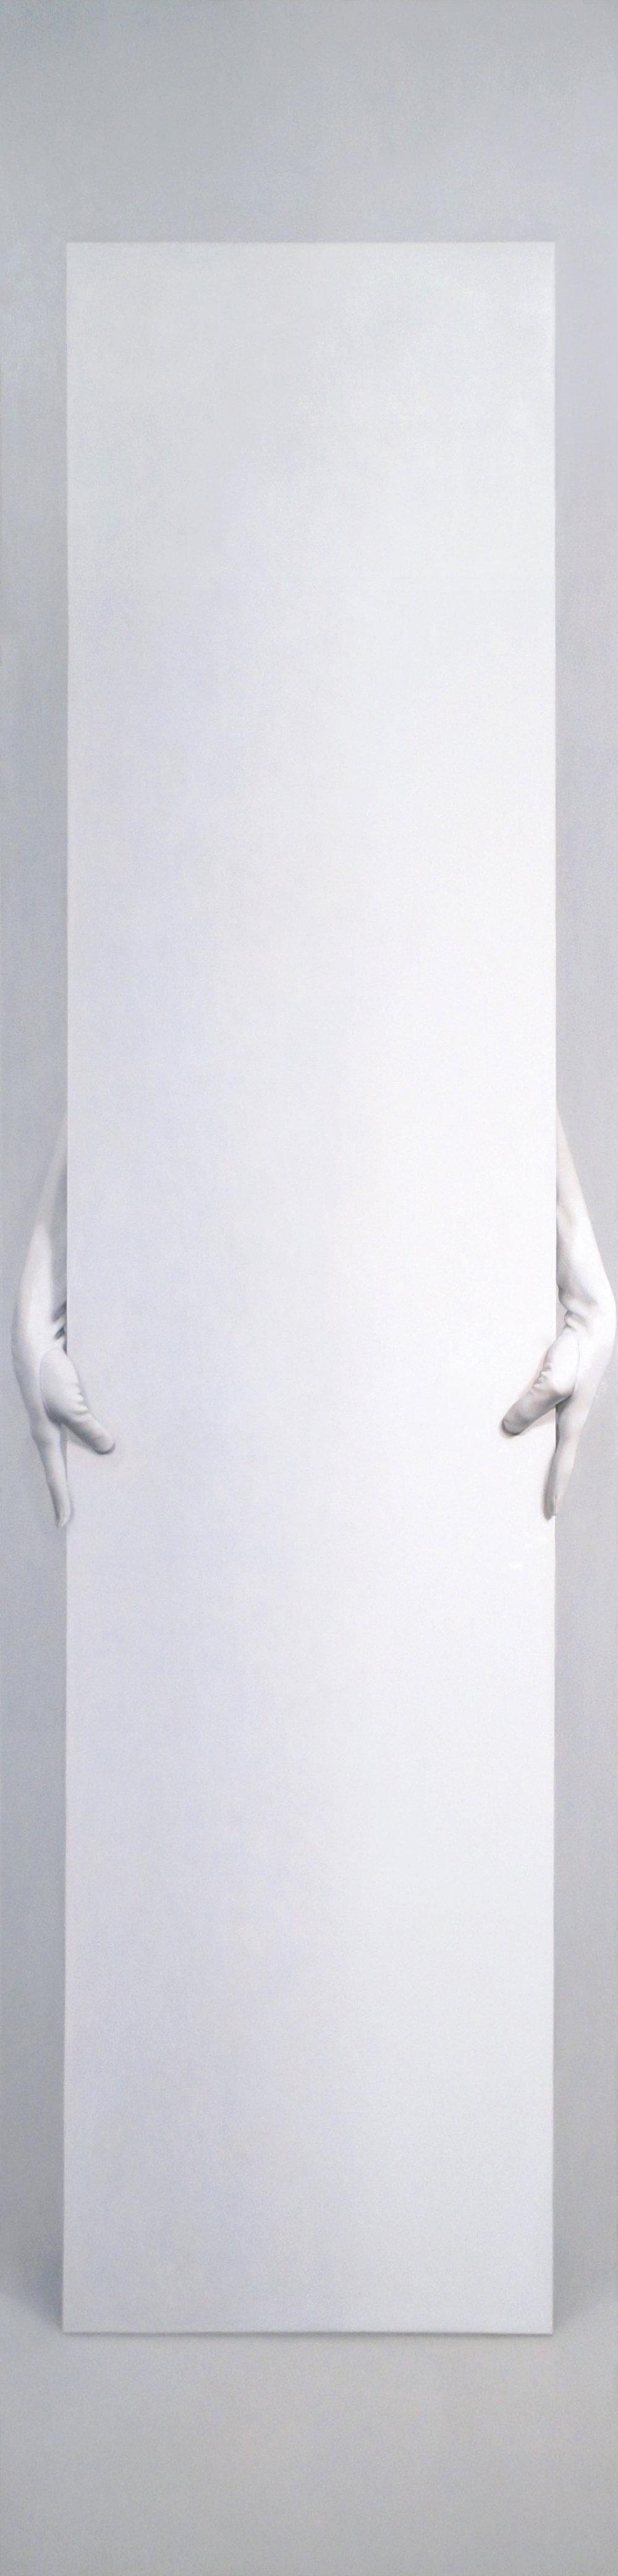 {white, hands}